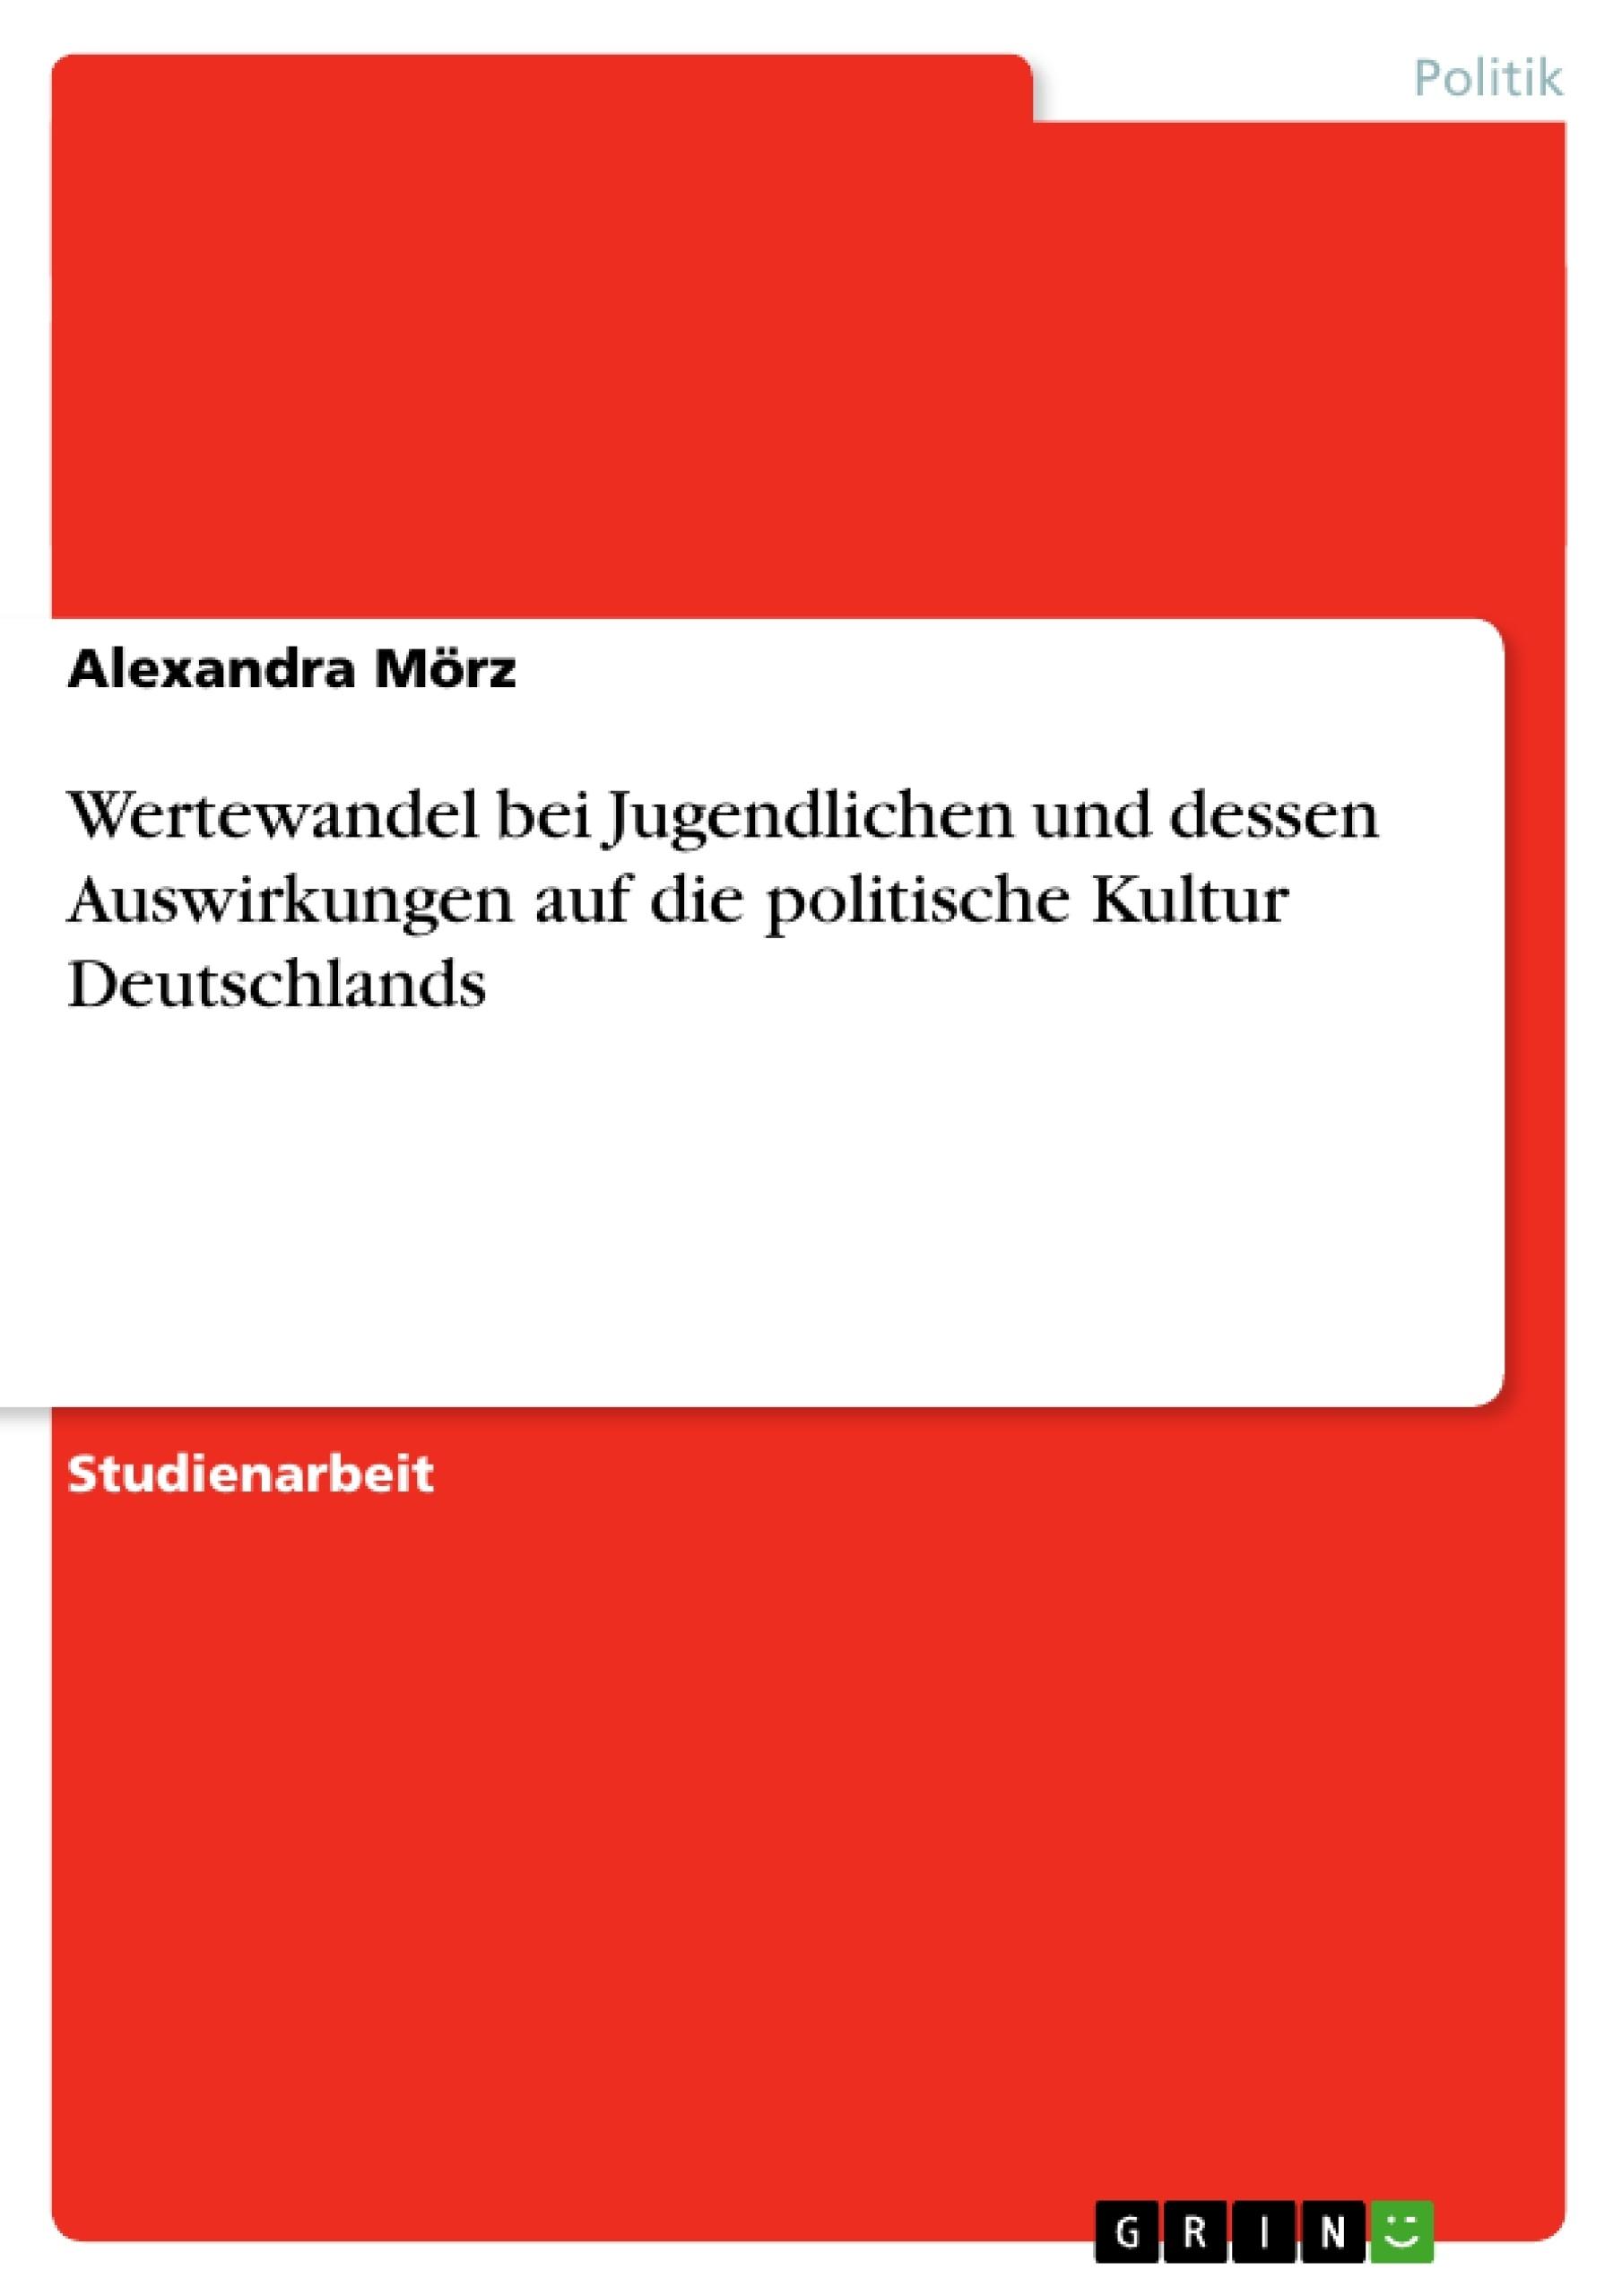 Titel: Wertewandel bei Jugendlichen und dessen Auswirkungen auf die politische Kultur Deutschlands